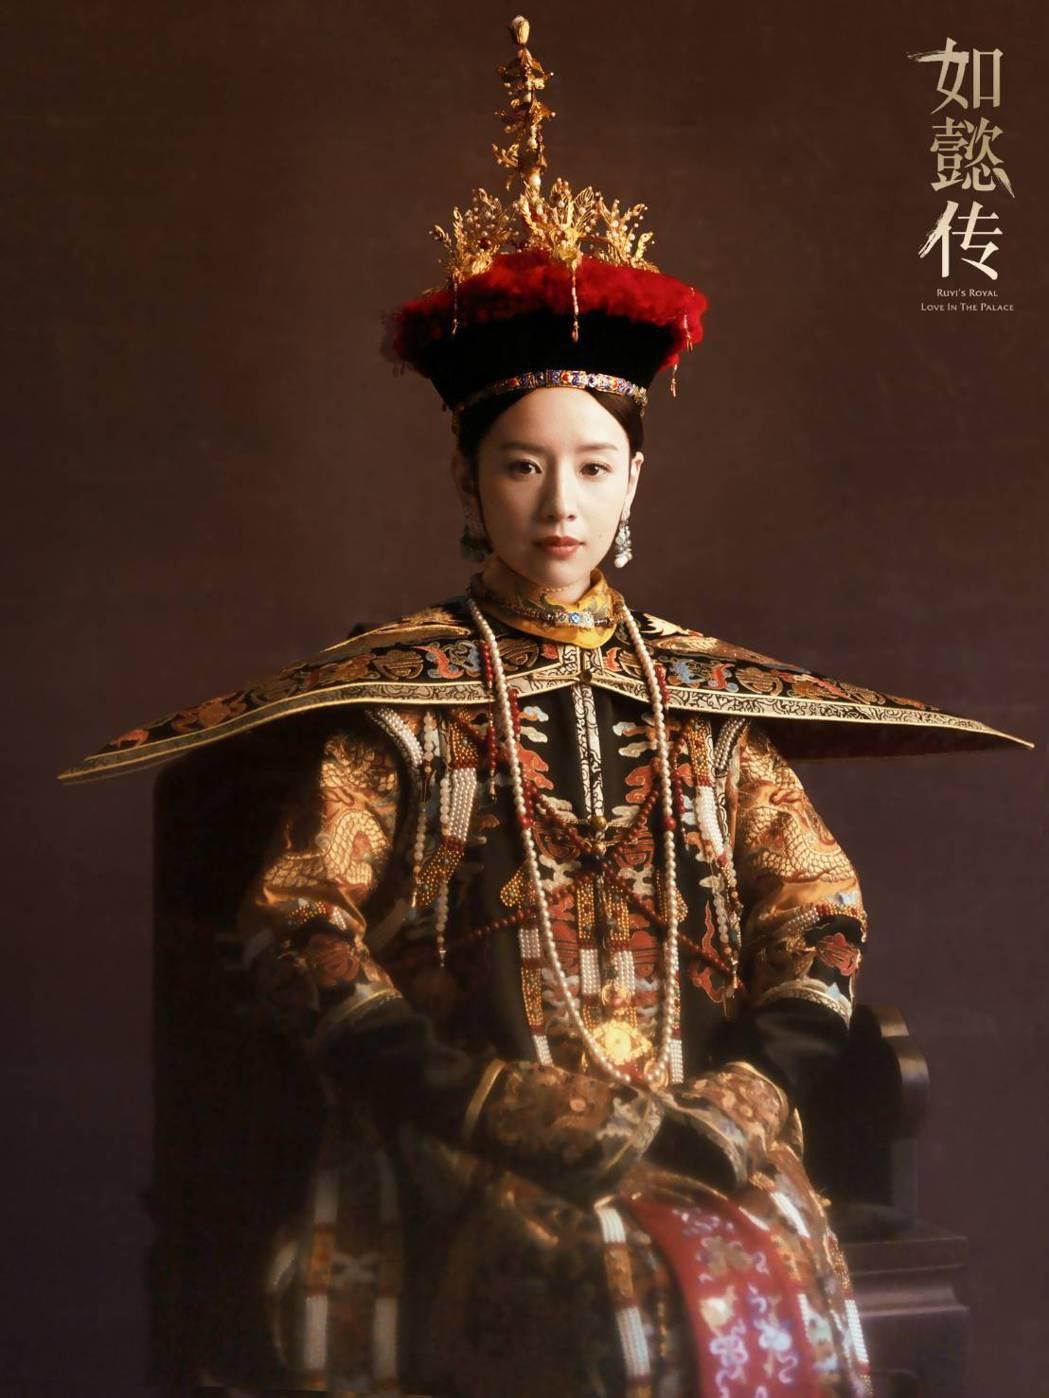 董潔演出「富察皇后」一角被讚美。圖/摘自微博